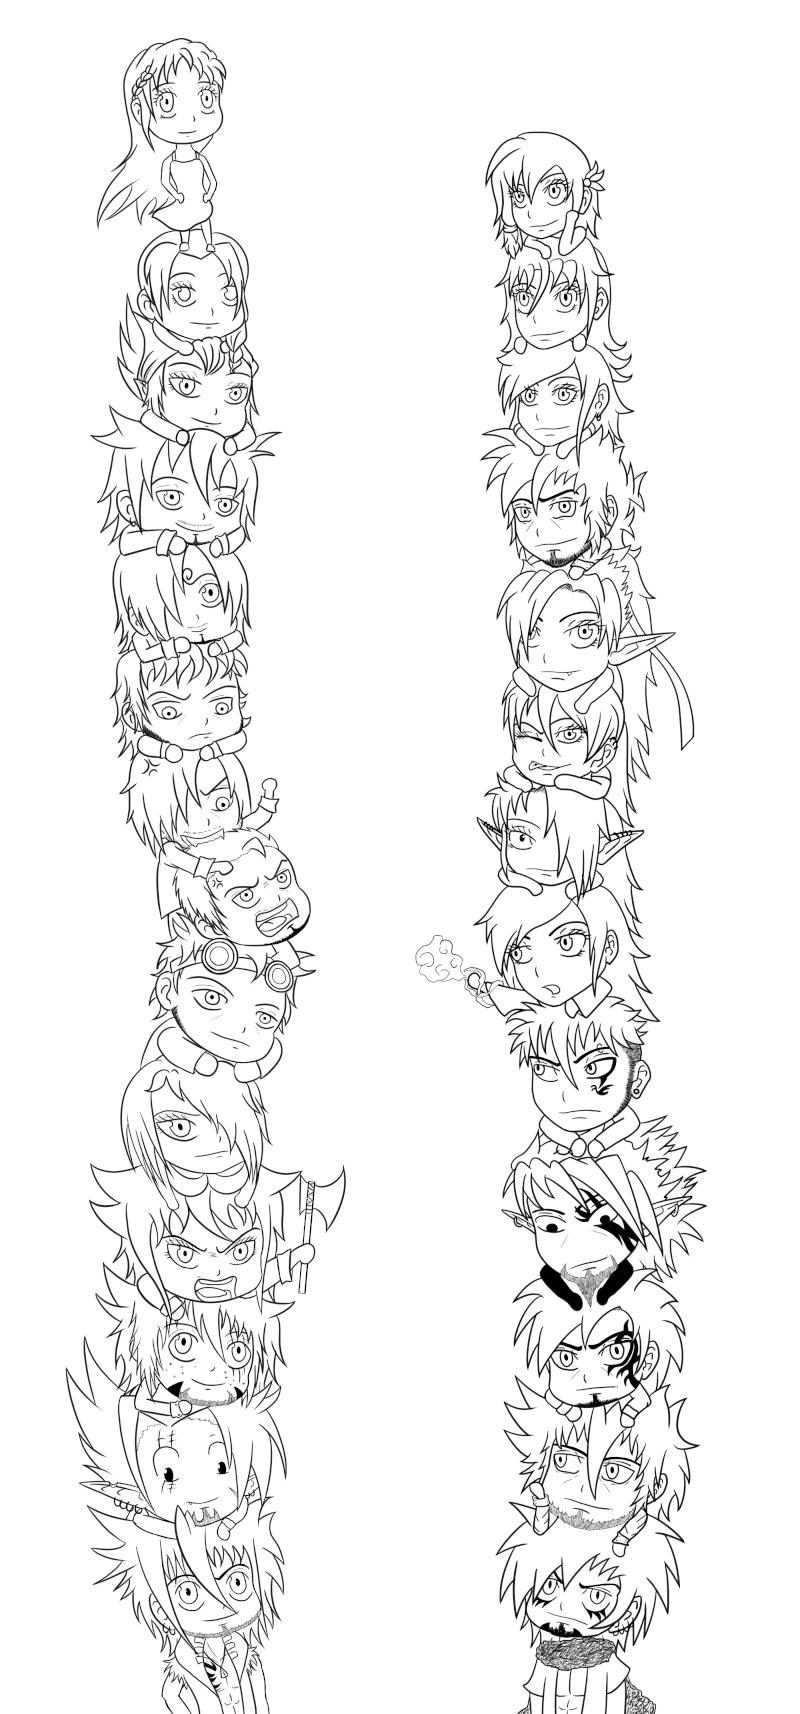 Les dessins de Ike/Pipoune - Page 6 Sl_chi11